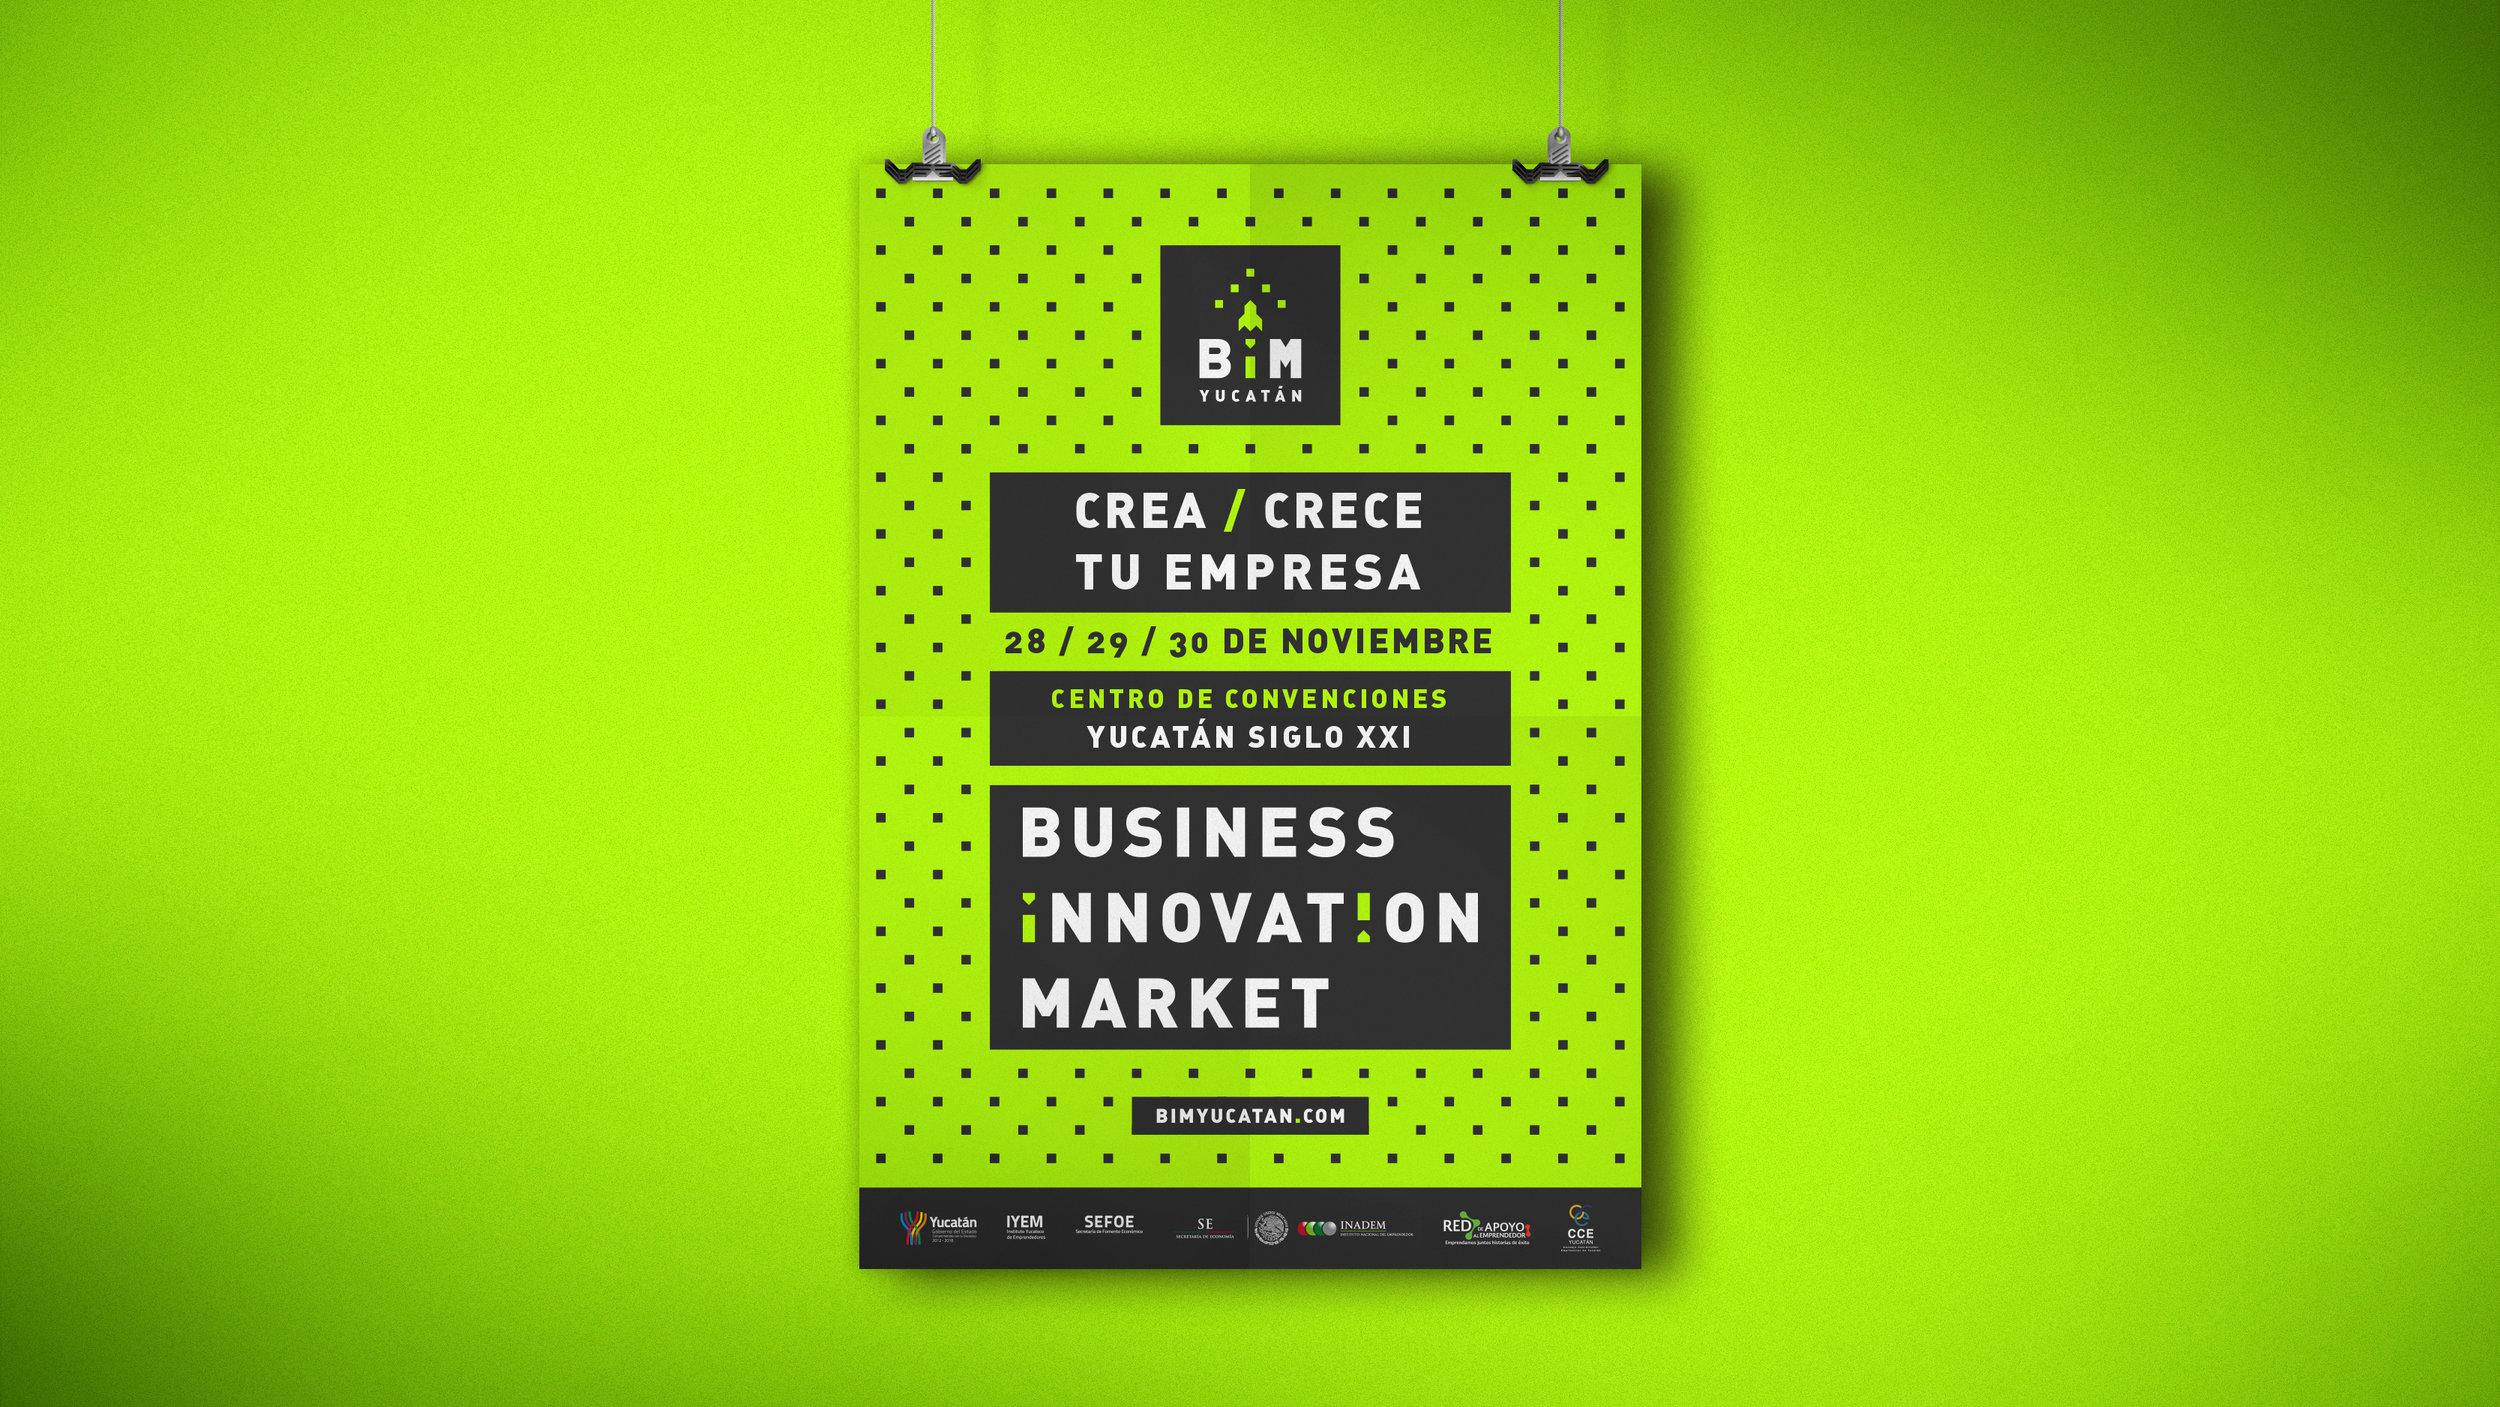 BIM - Poster.jpg